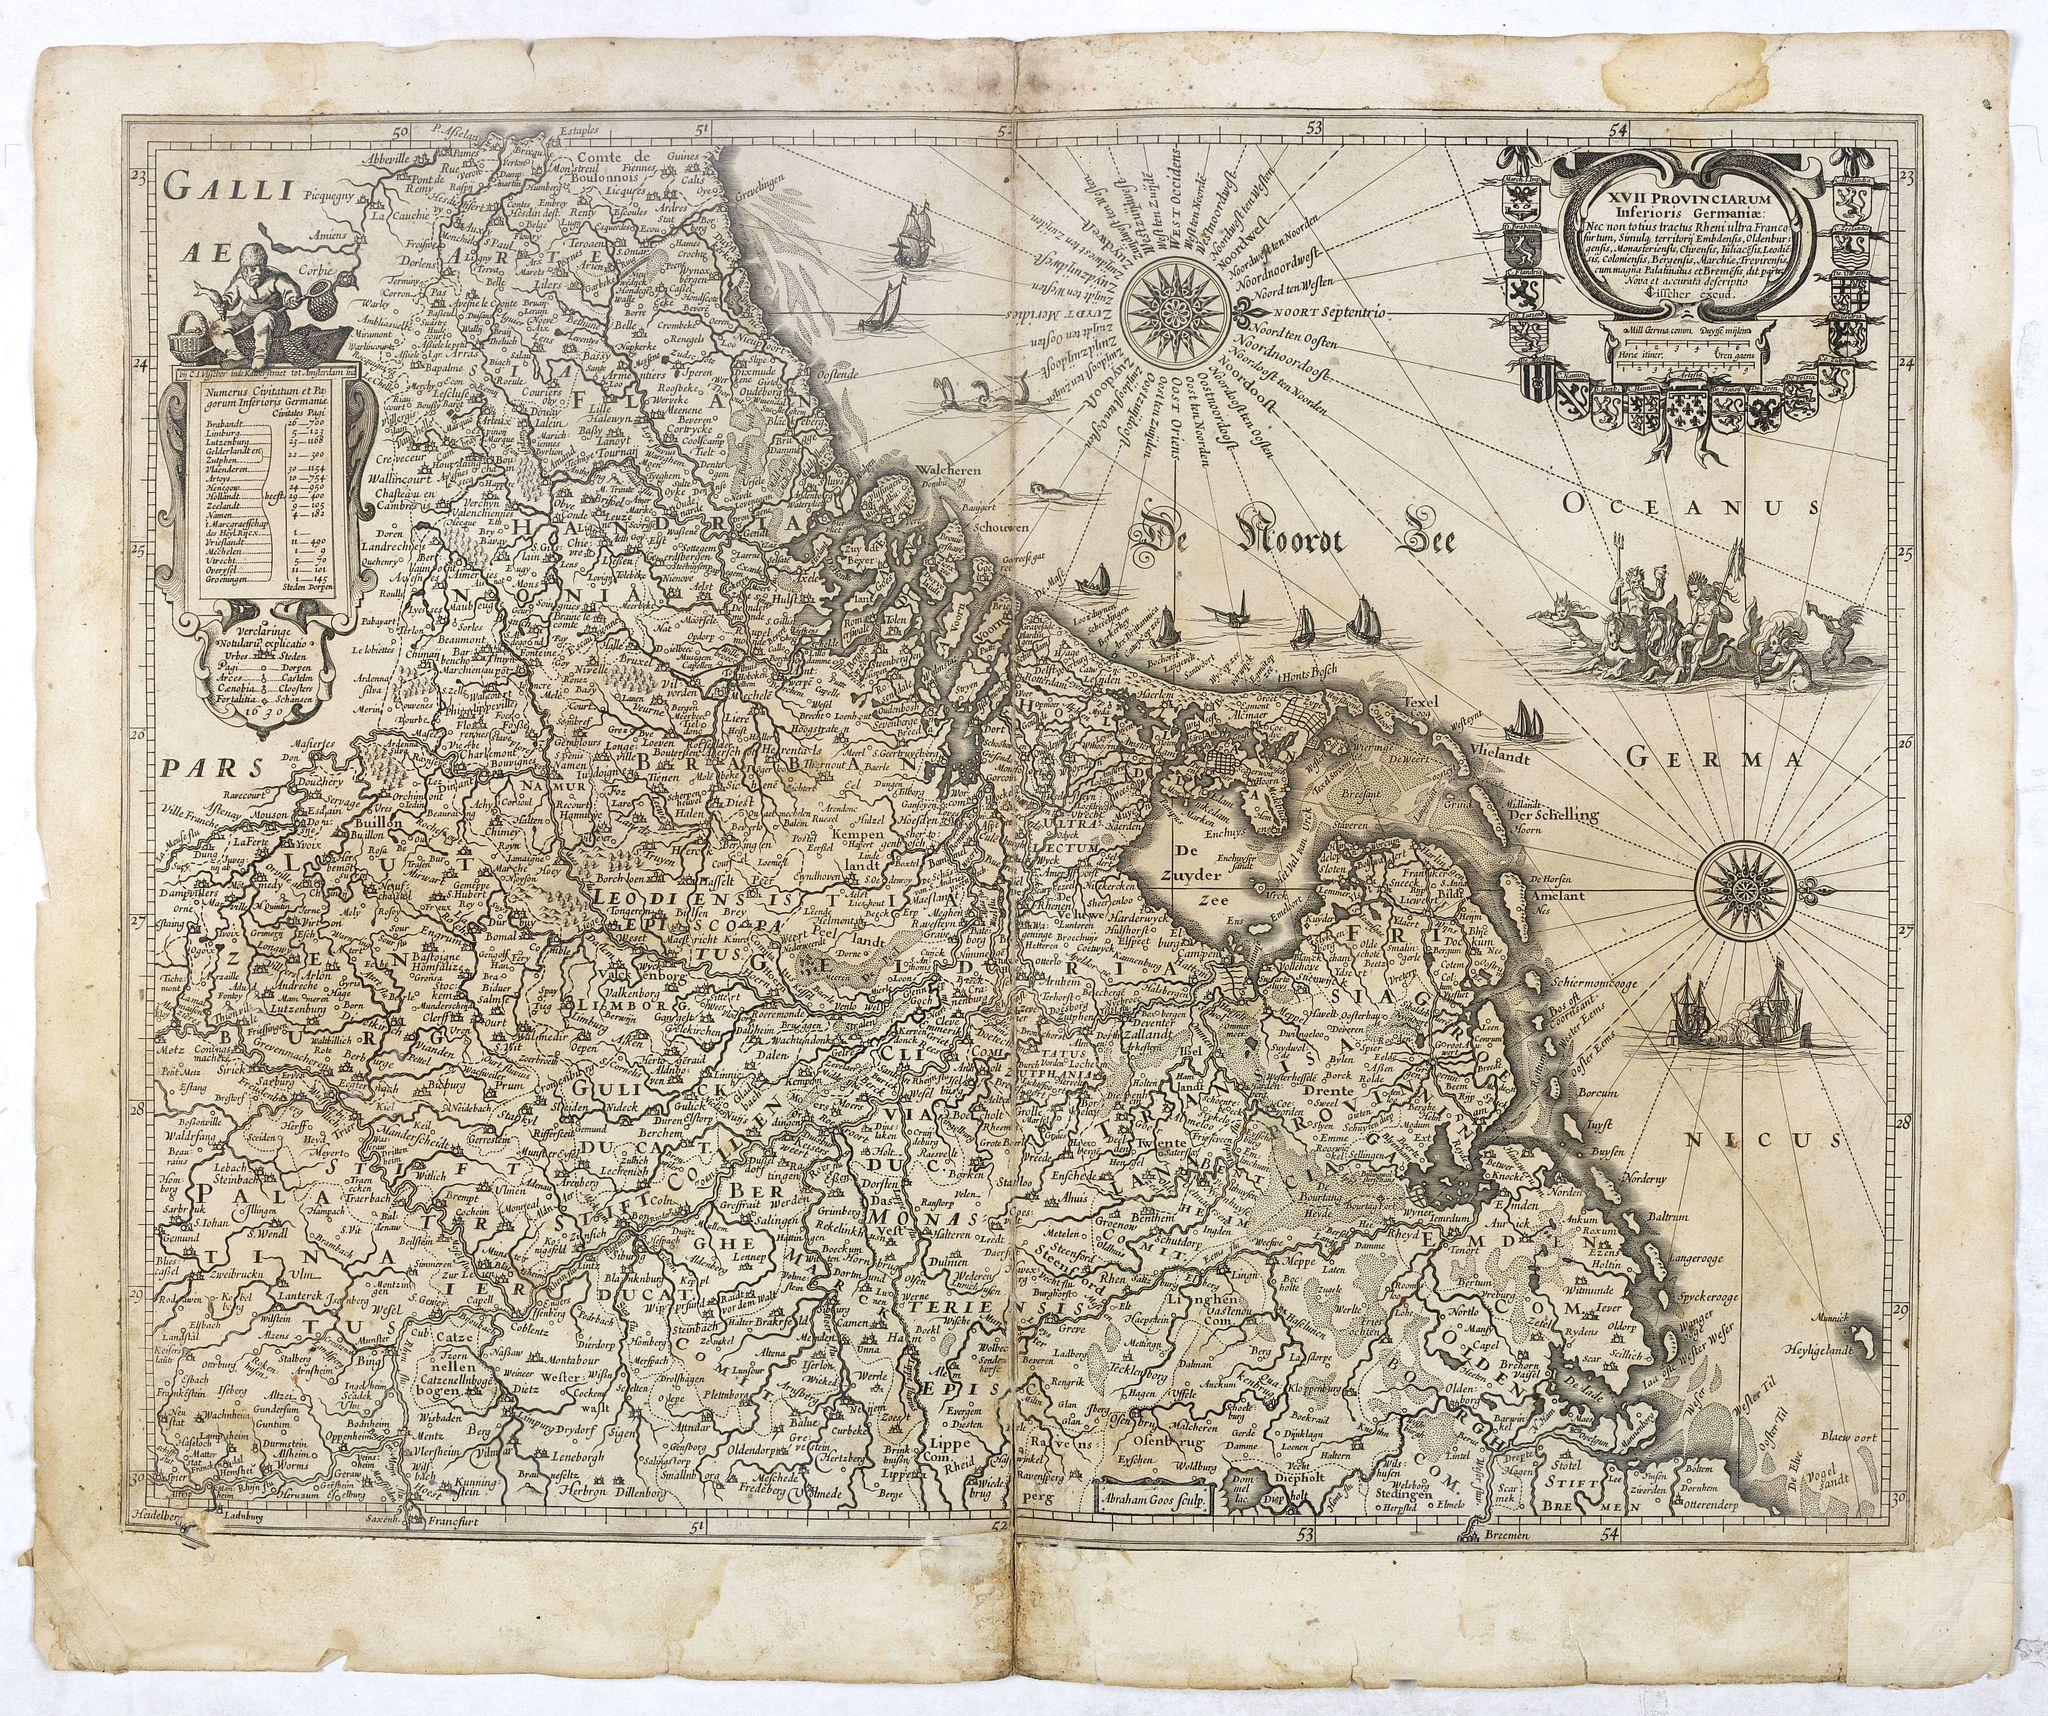 VISSCHER, C.J. -  XVII Provinciarum Inferioris Germaniae, Nec non totius tractus . . .